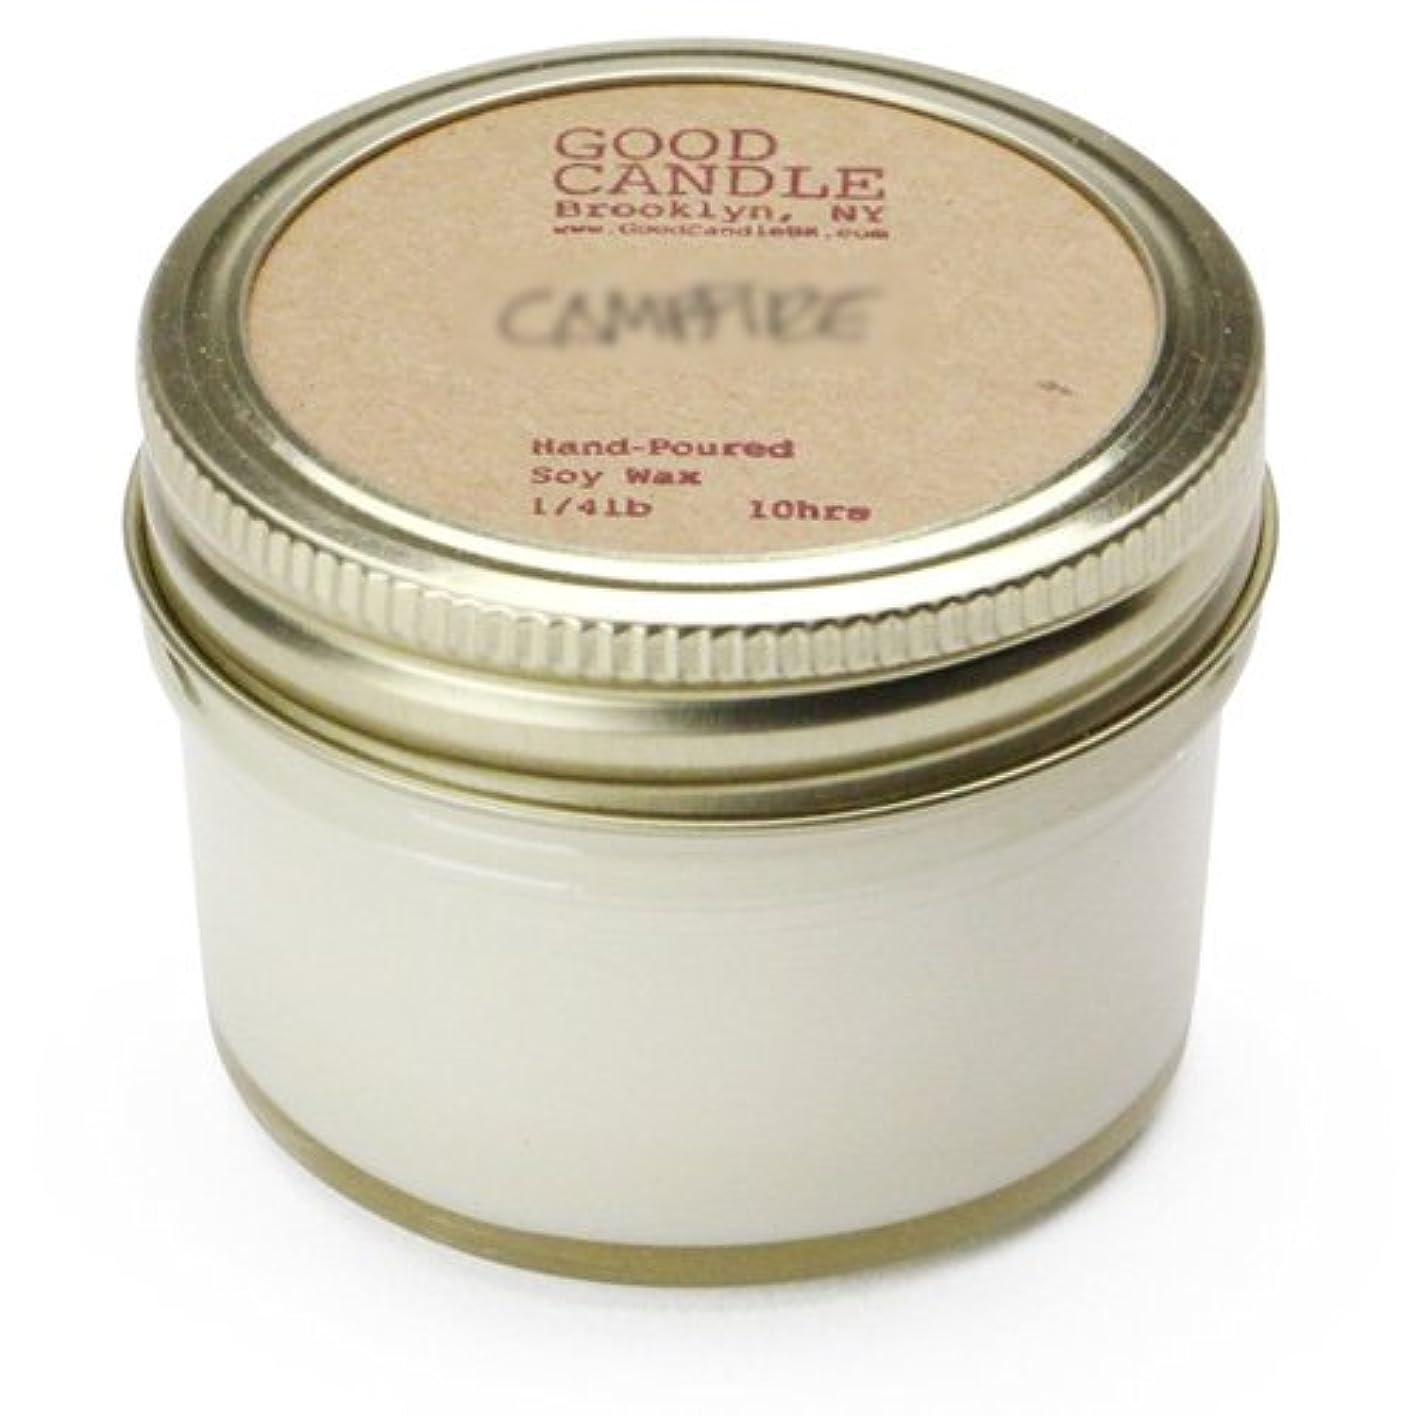 オンスアラスカ外出グッドキャンドル 1/4ポンド ゼリージャー キャンドル Good Candle 1/4LB Jelly jar candle [ Rose ] 正規品